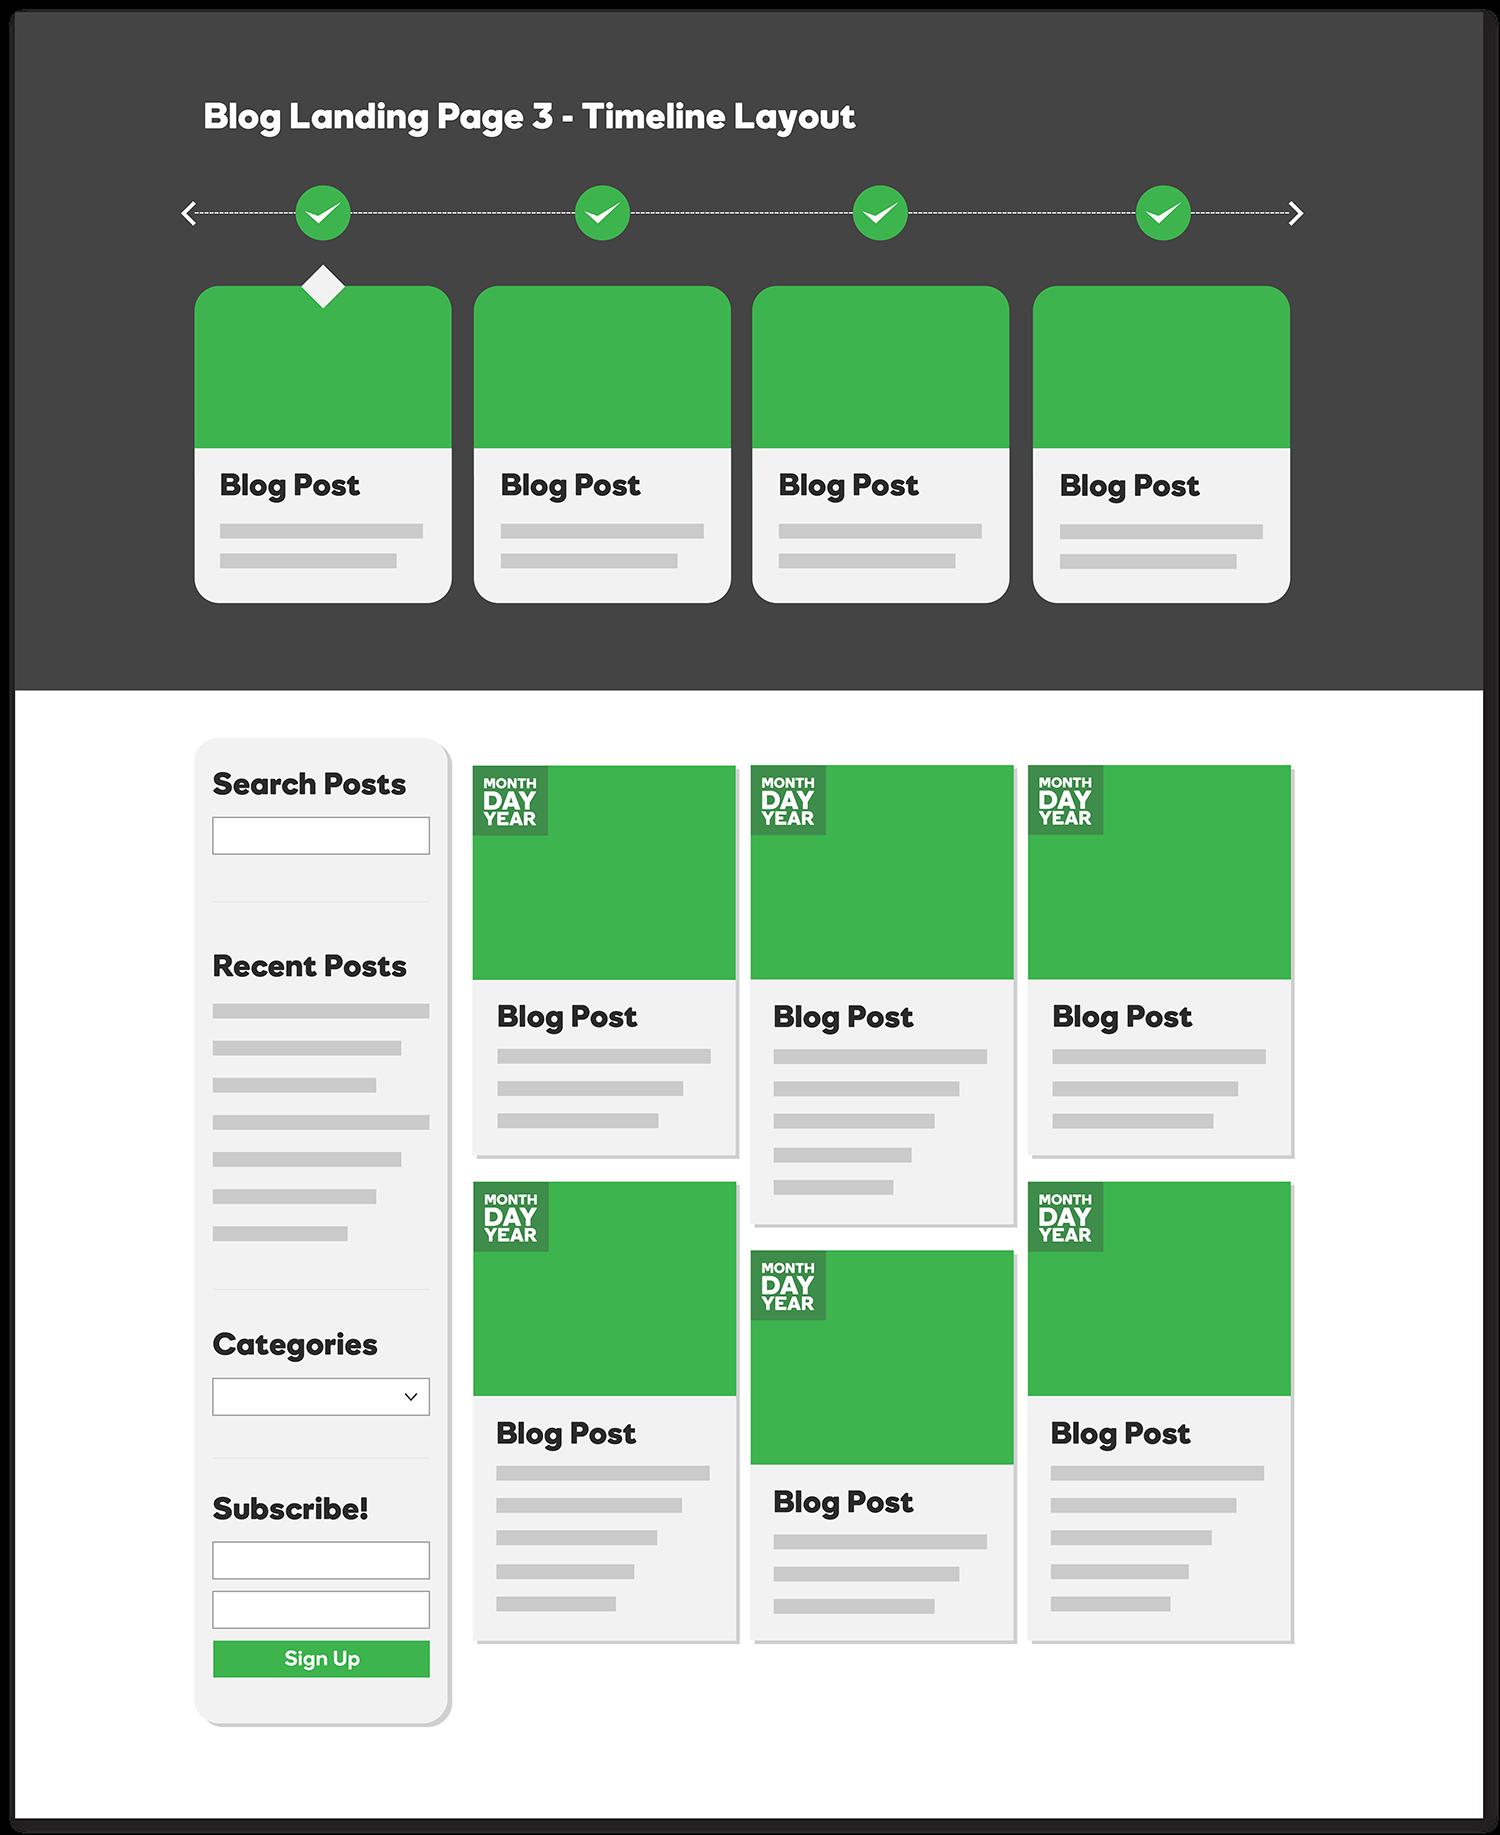 Blog Landing Page - Timeline